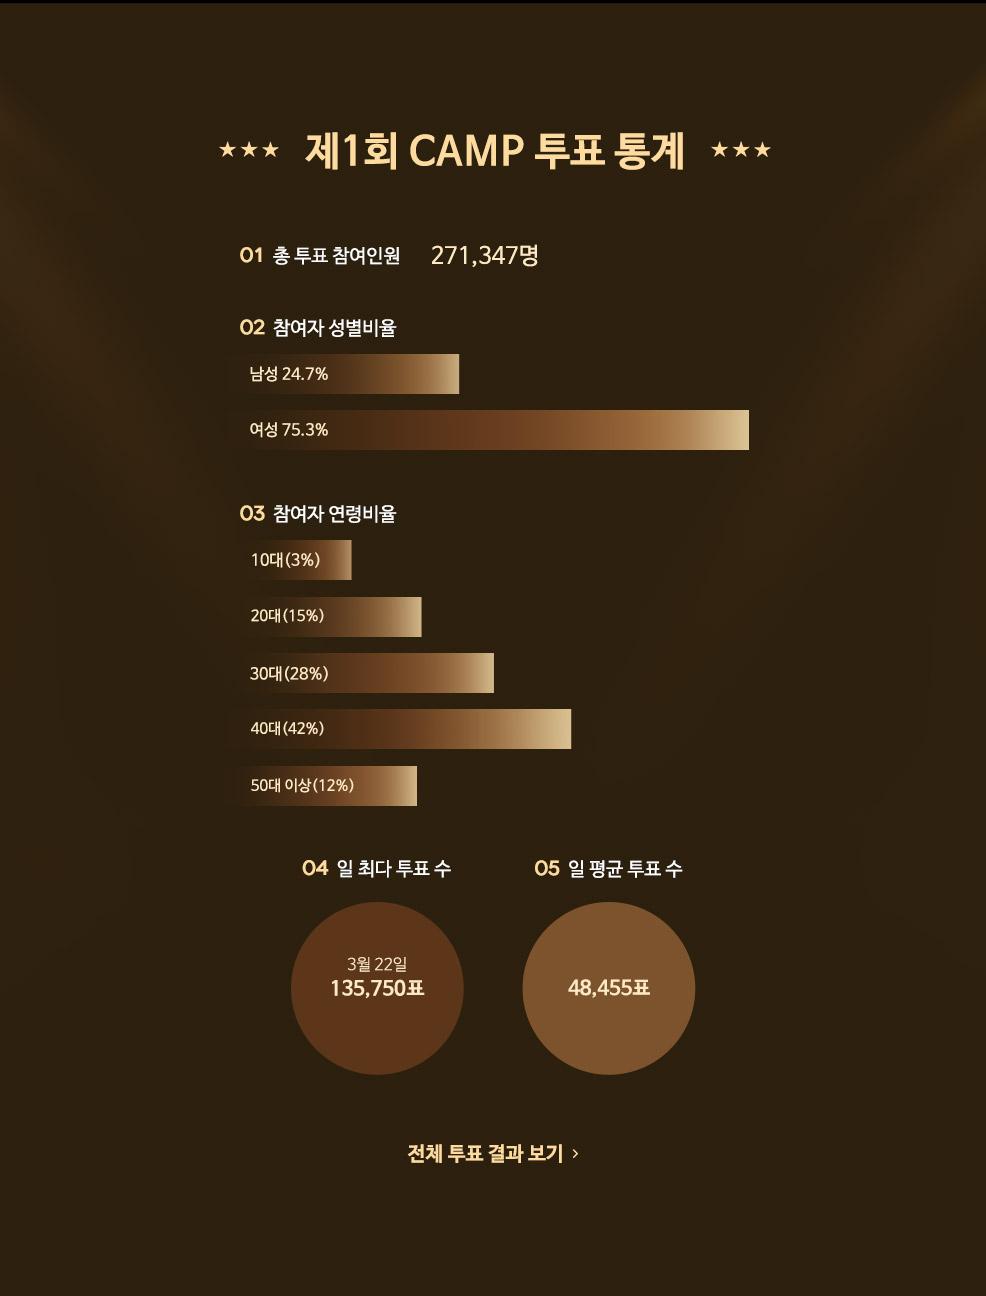 제1회 CAMP 투표 통계